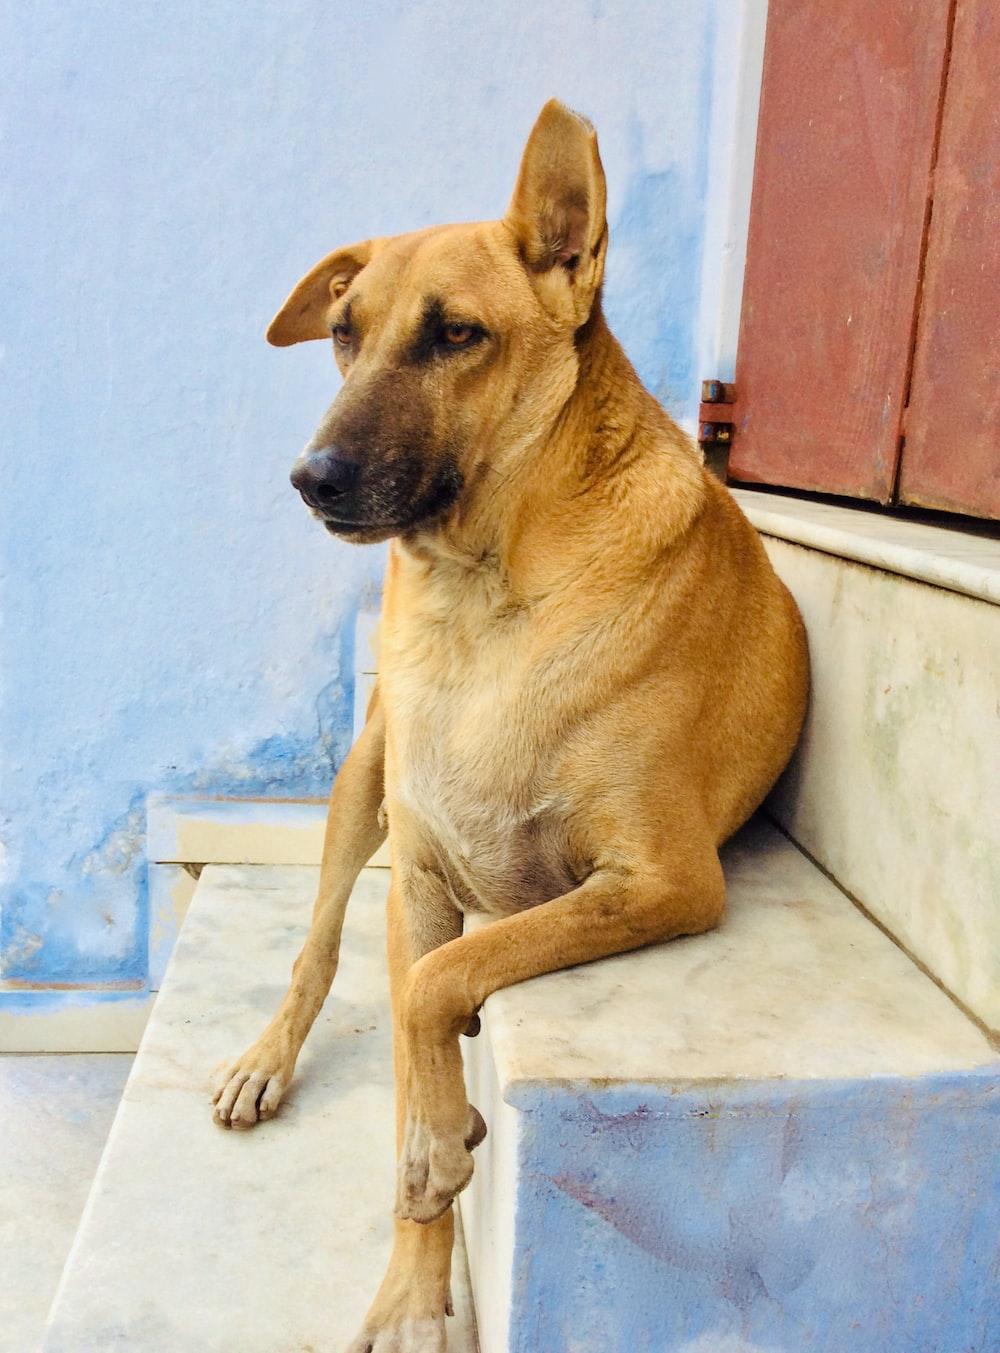 brown short coated dog lying on white floor tiles